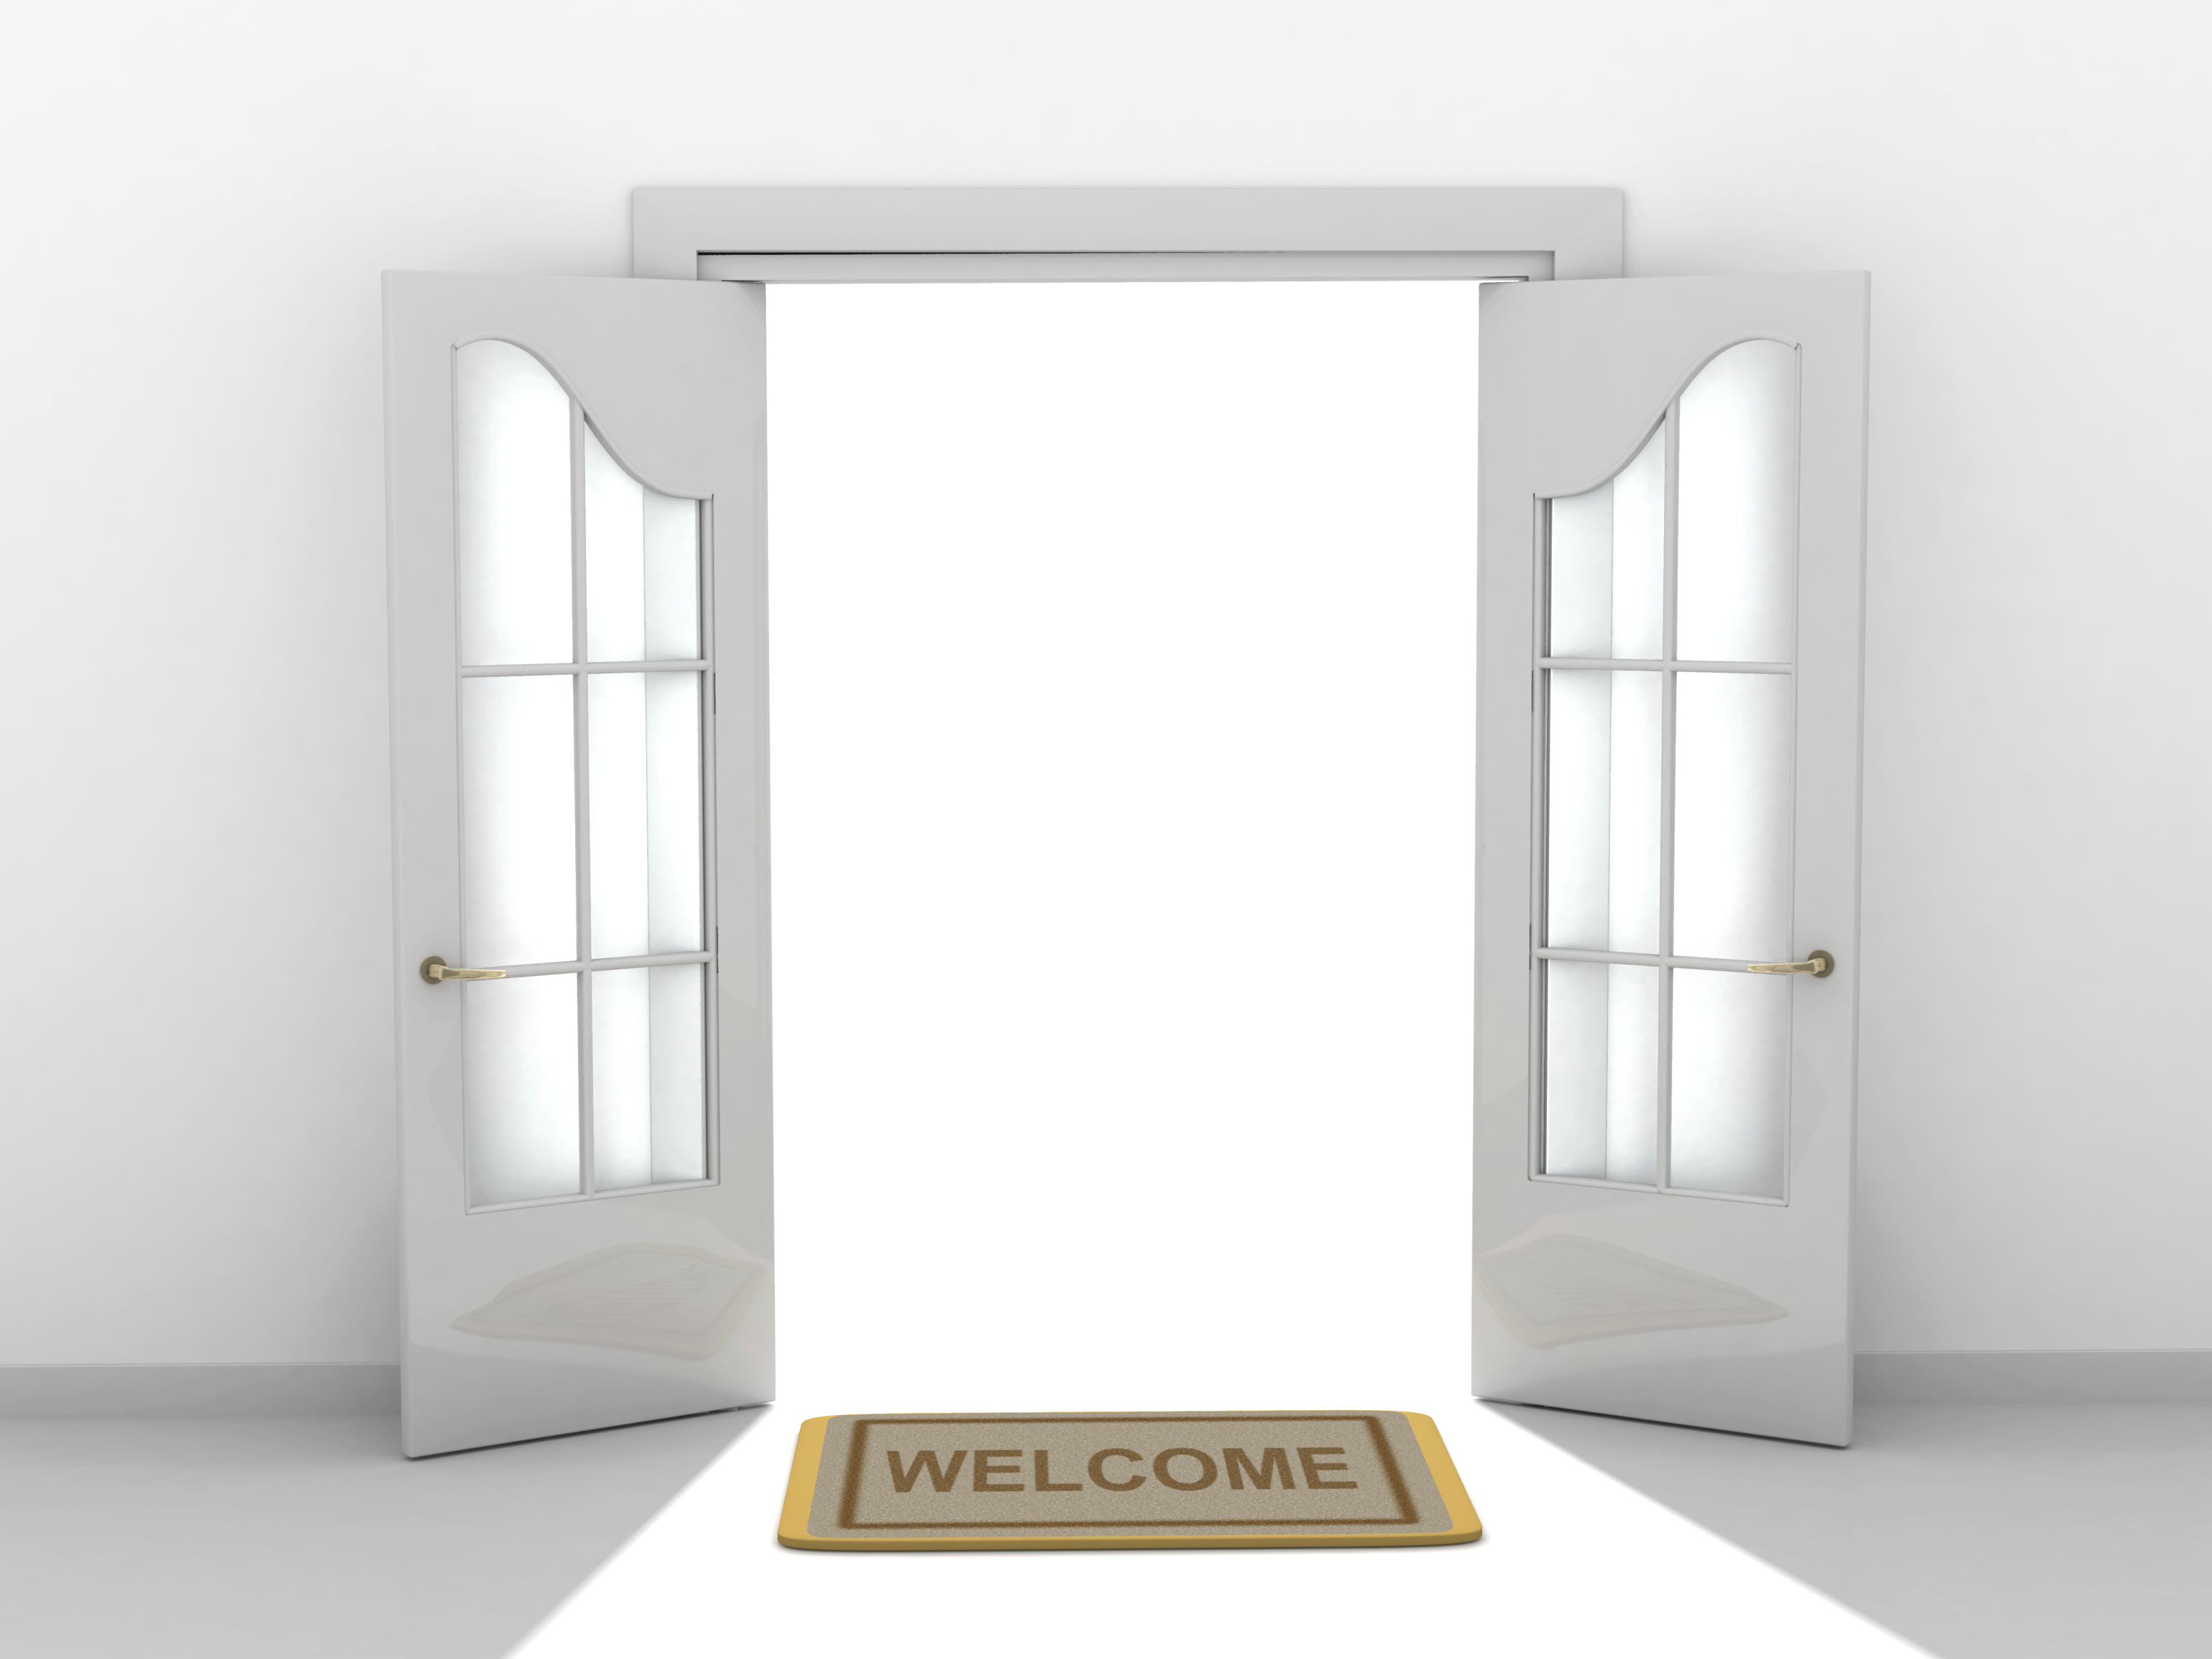 Showing Gallery For Open Door Wallpaper 3200x2400